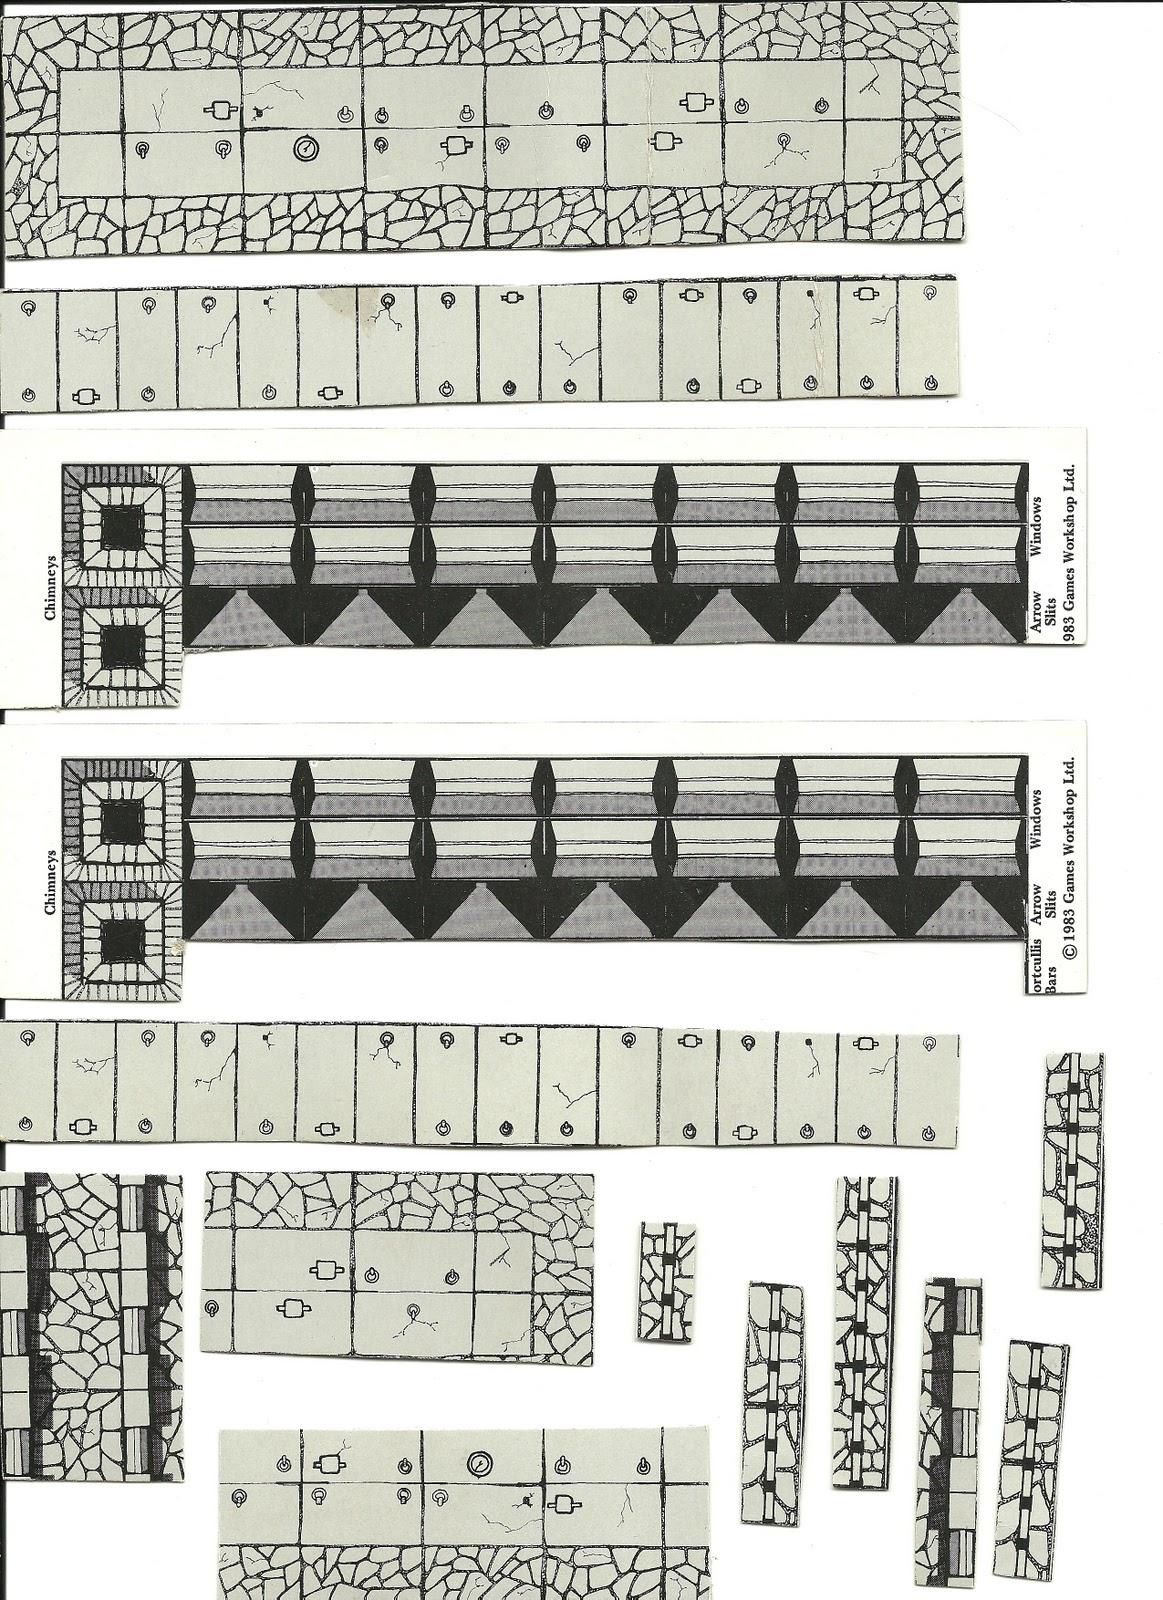 david s rpg dungeon floor plans 3 dungeon floor plan prison wip by billiambabble deviantart